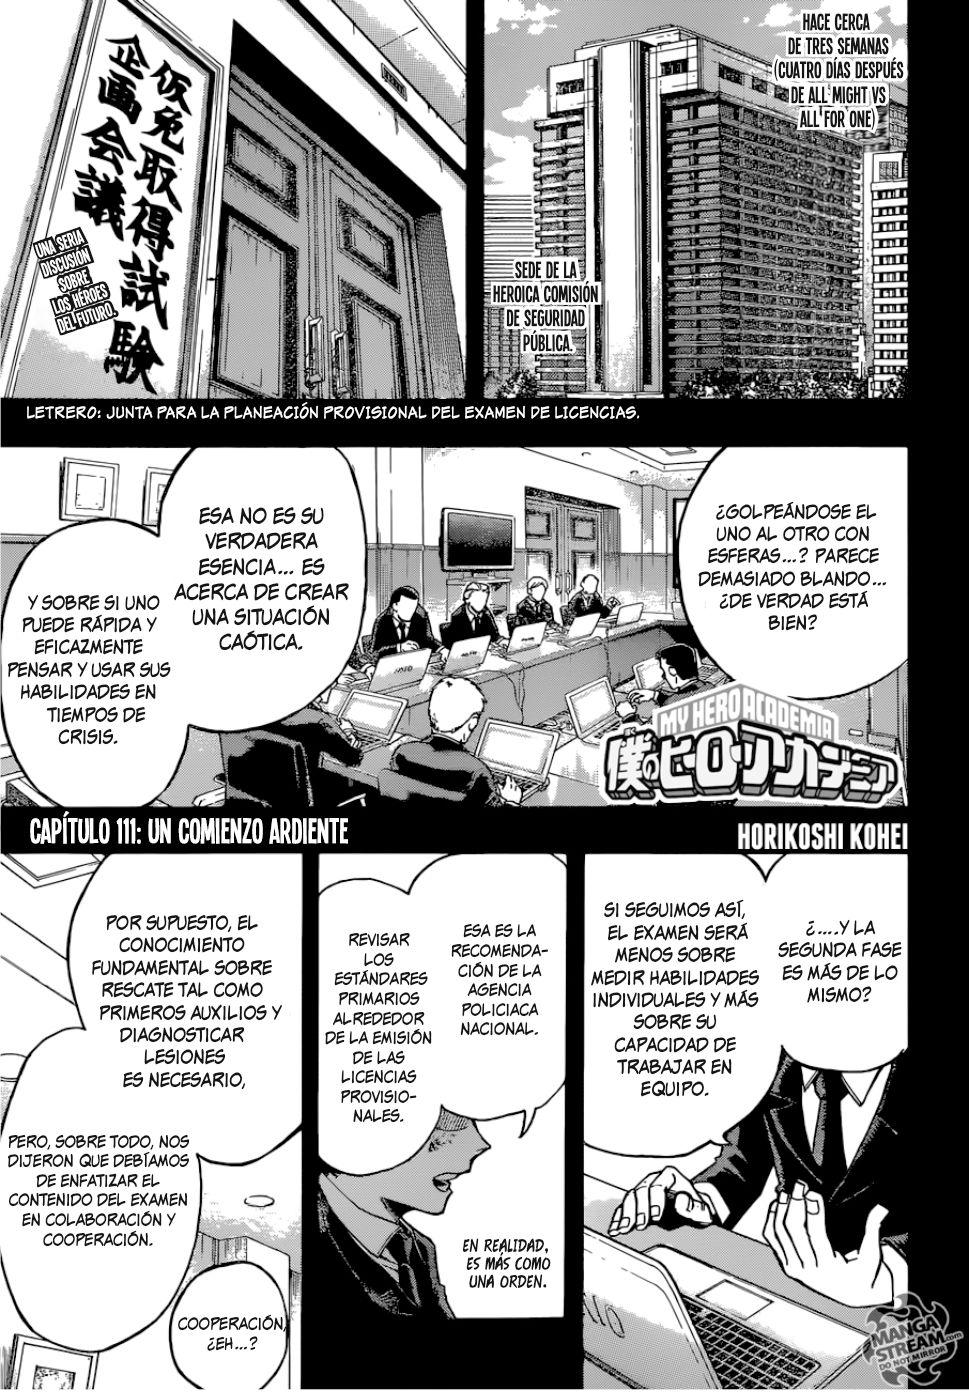 http://c5.ninemanga.com/es_manga/pic2/54/182/512380/bc24f6a1fd05c61484bf255dac2c3a93.jpg Page 2